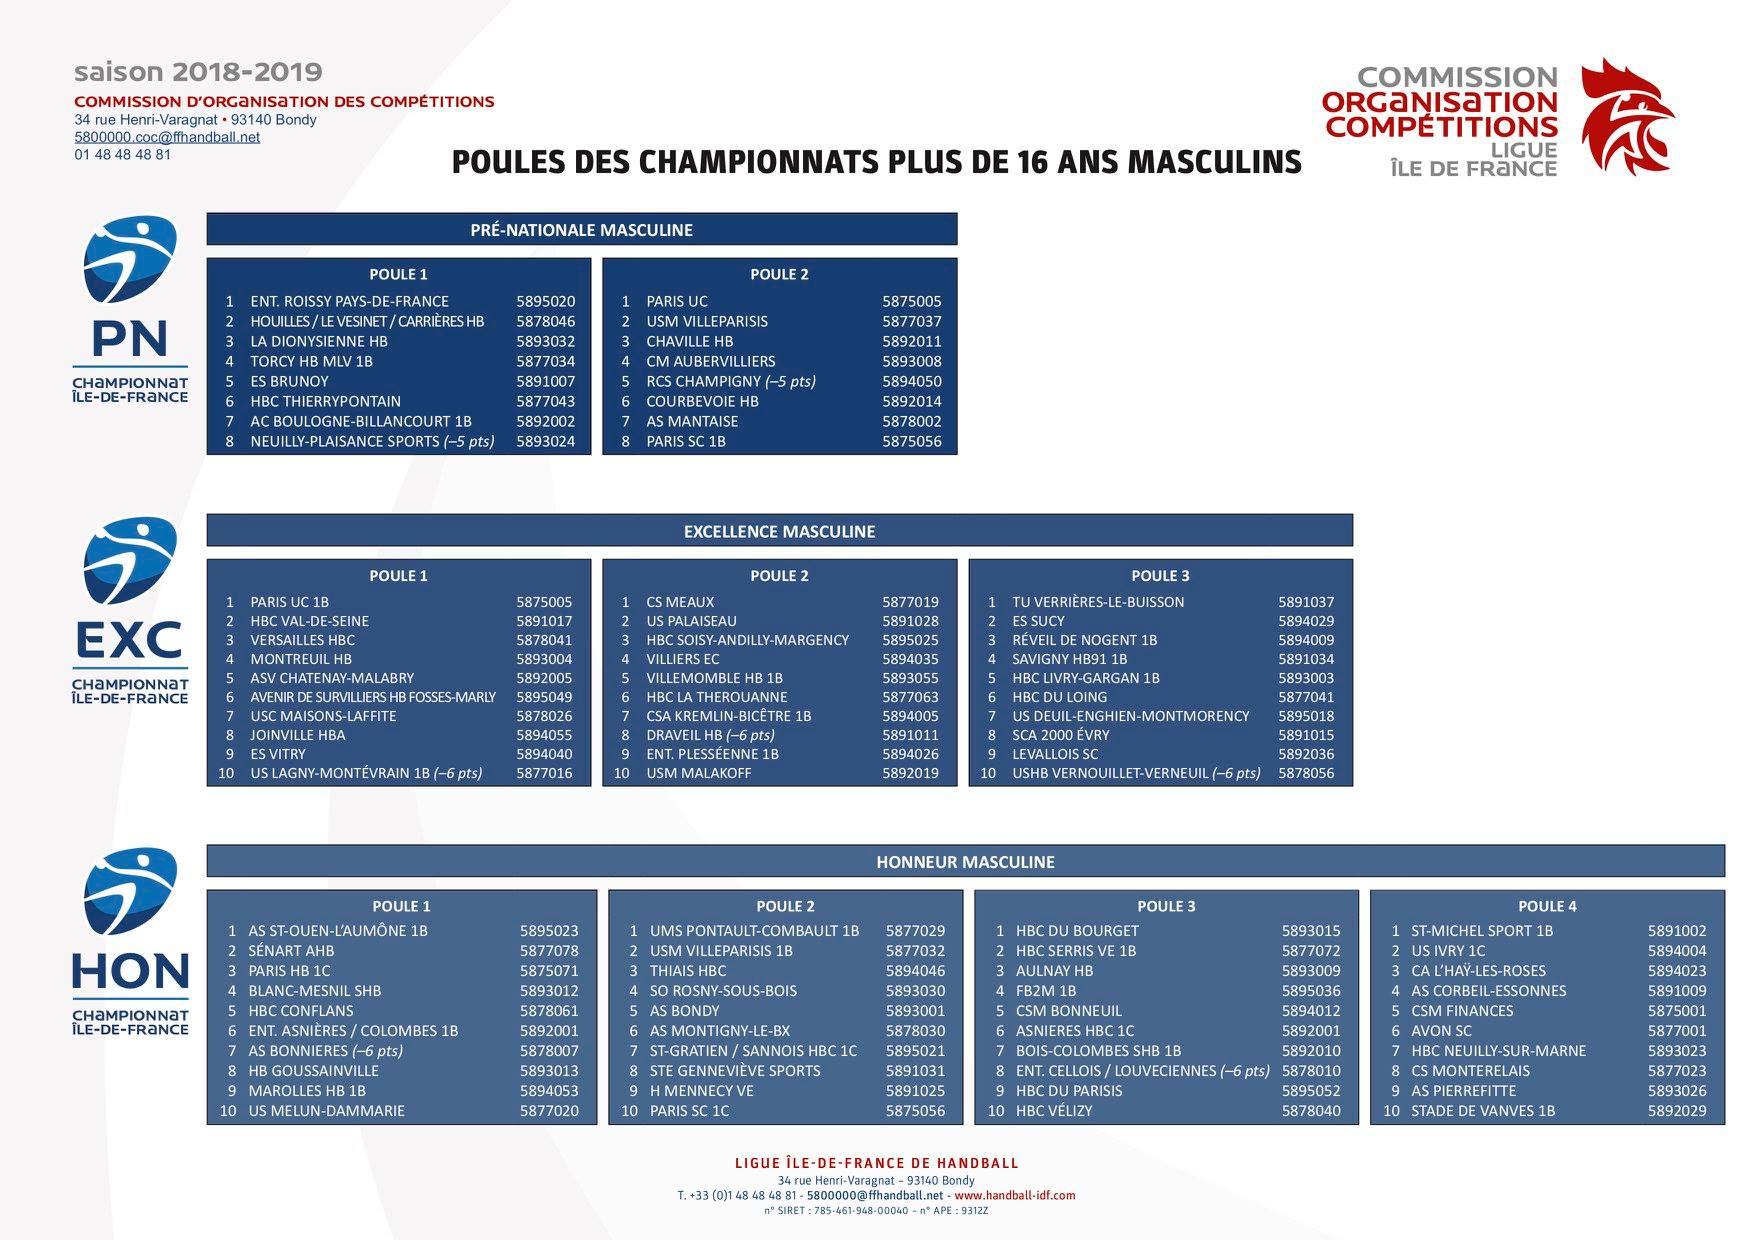 POULE CHAMPIONNAI IDF 2018-2019.jpg